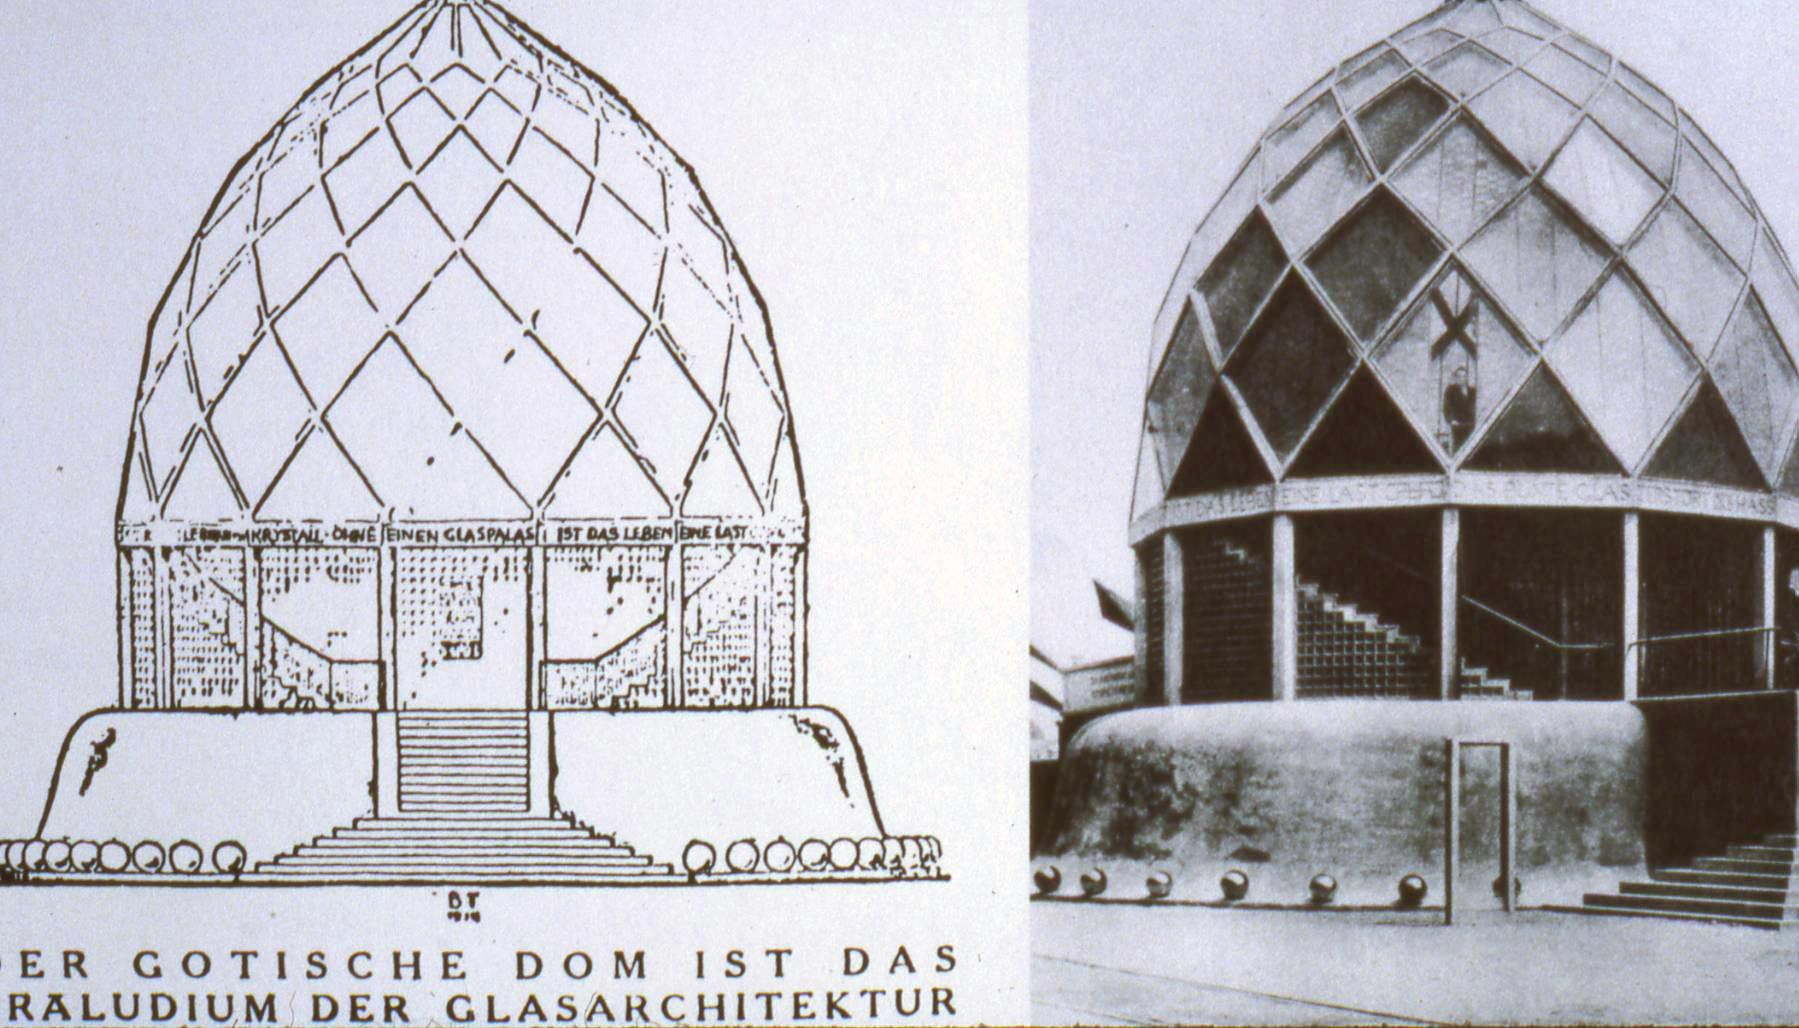 Bruno taut glass pavilion for the 1914 werkbund exhibition in